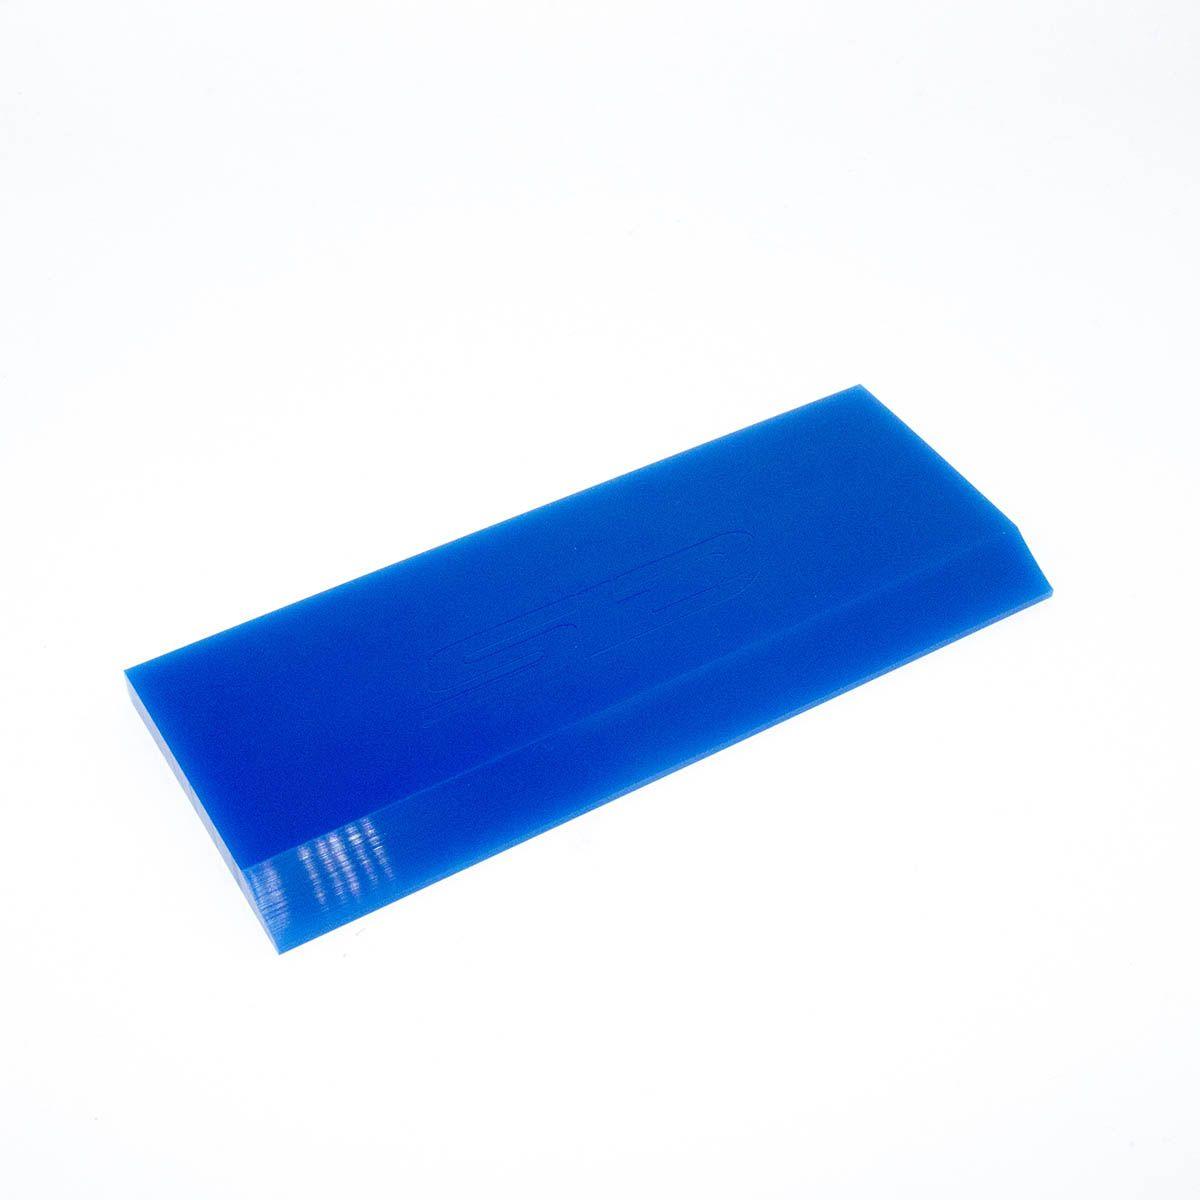 Borracha para rodo de aplicação de window film SID